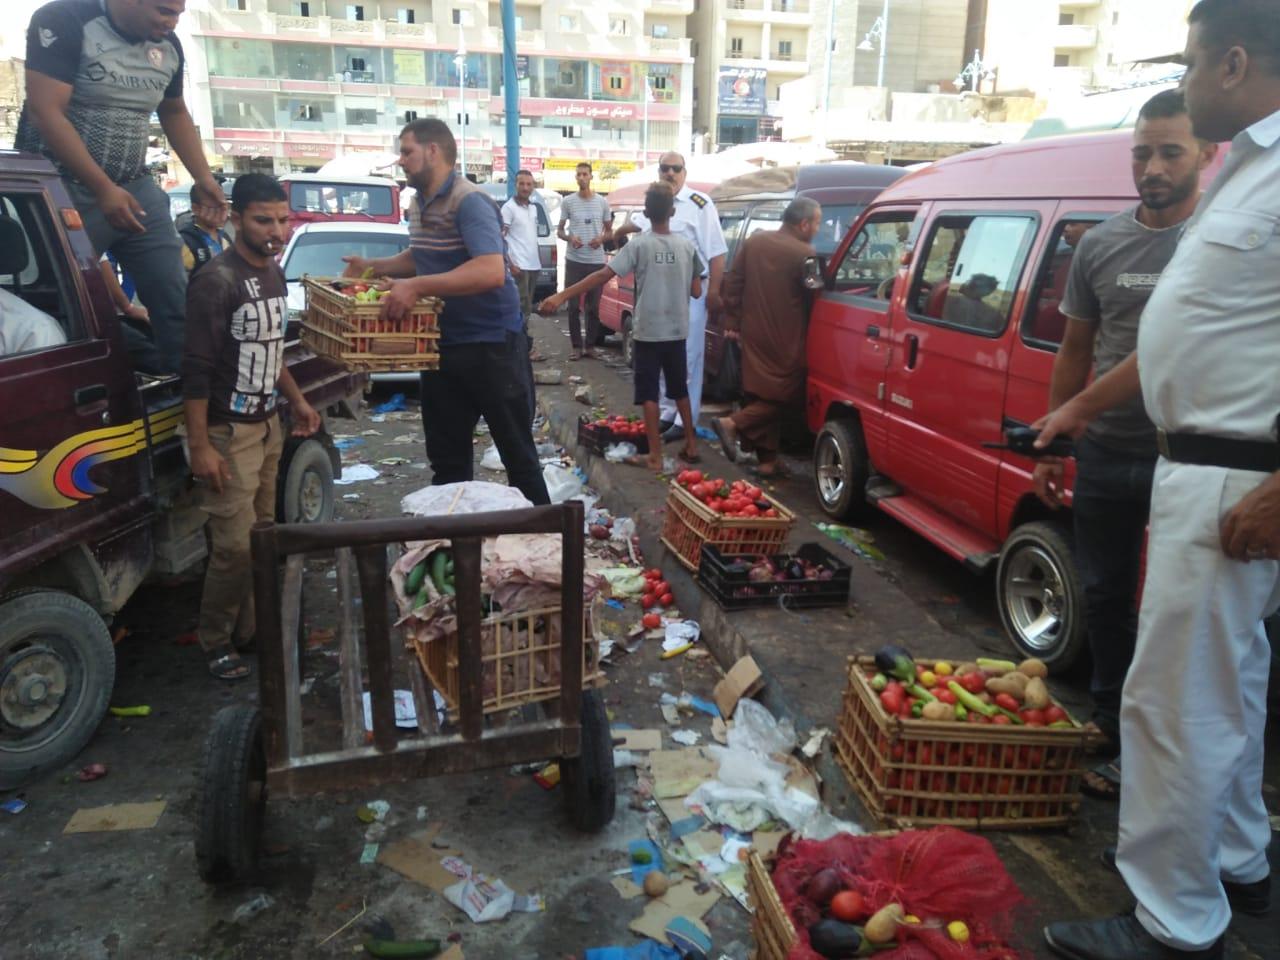 حملة لإزالة الإشغالات وباعة الخضراوات من شوارع مطروح (4)